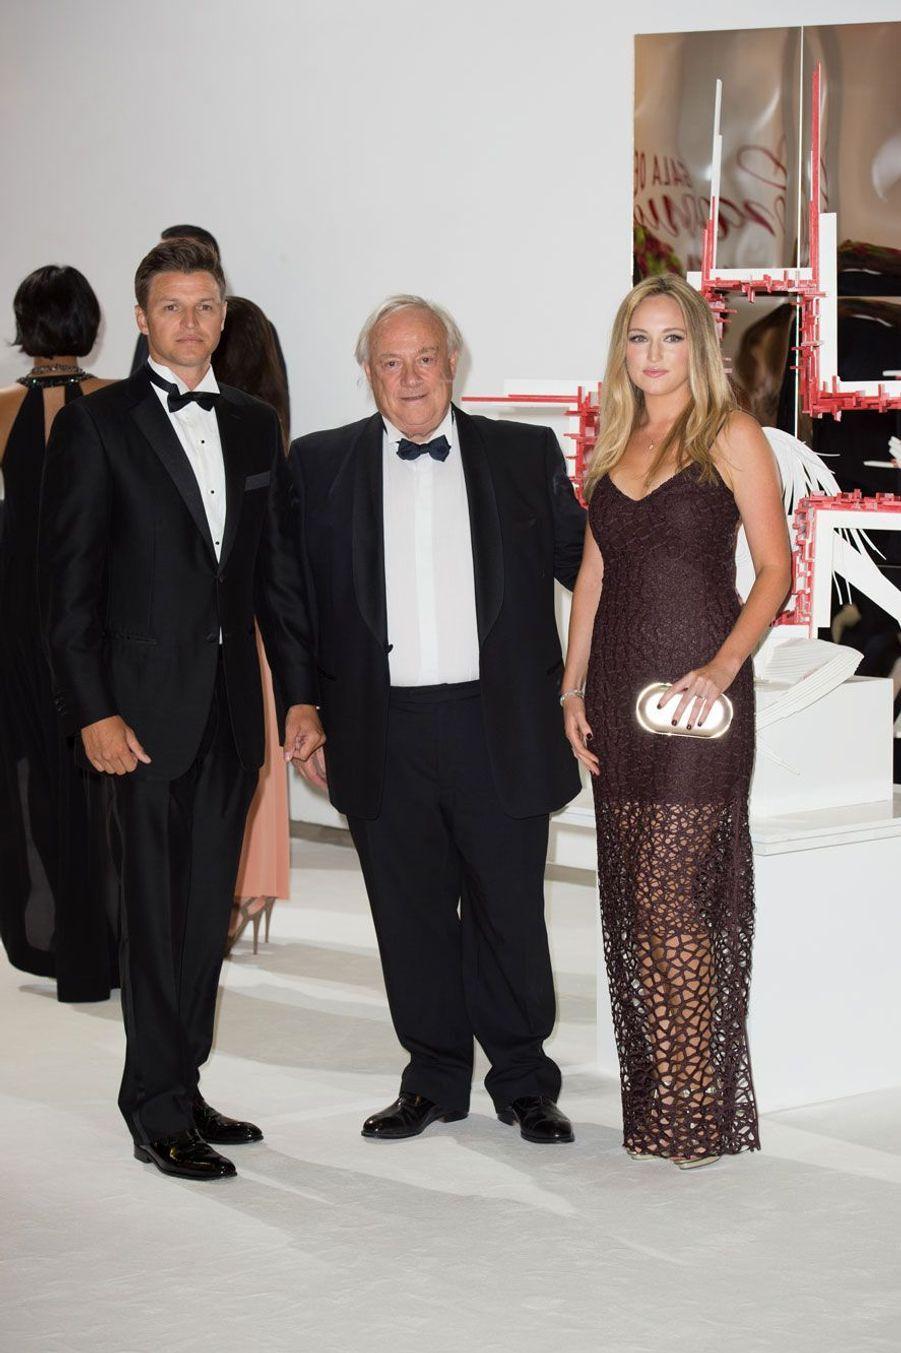 Gareth Wittstock, frère de Charlène, le sculpteur Matéo Mornar et Roisin Galvin, petite amie de Gareth